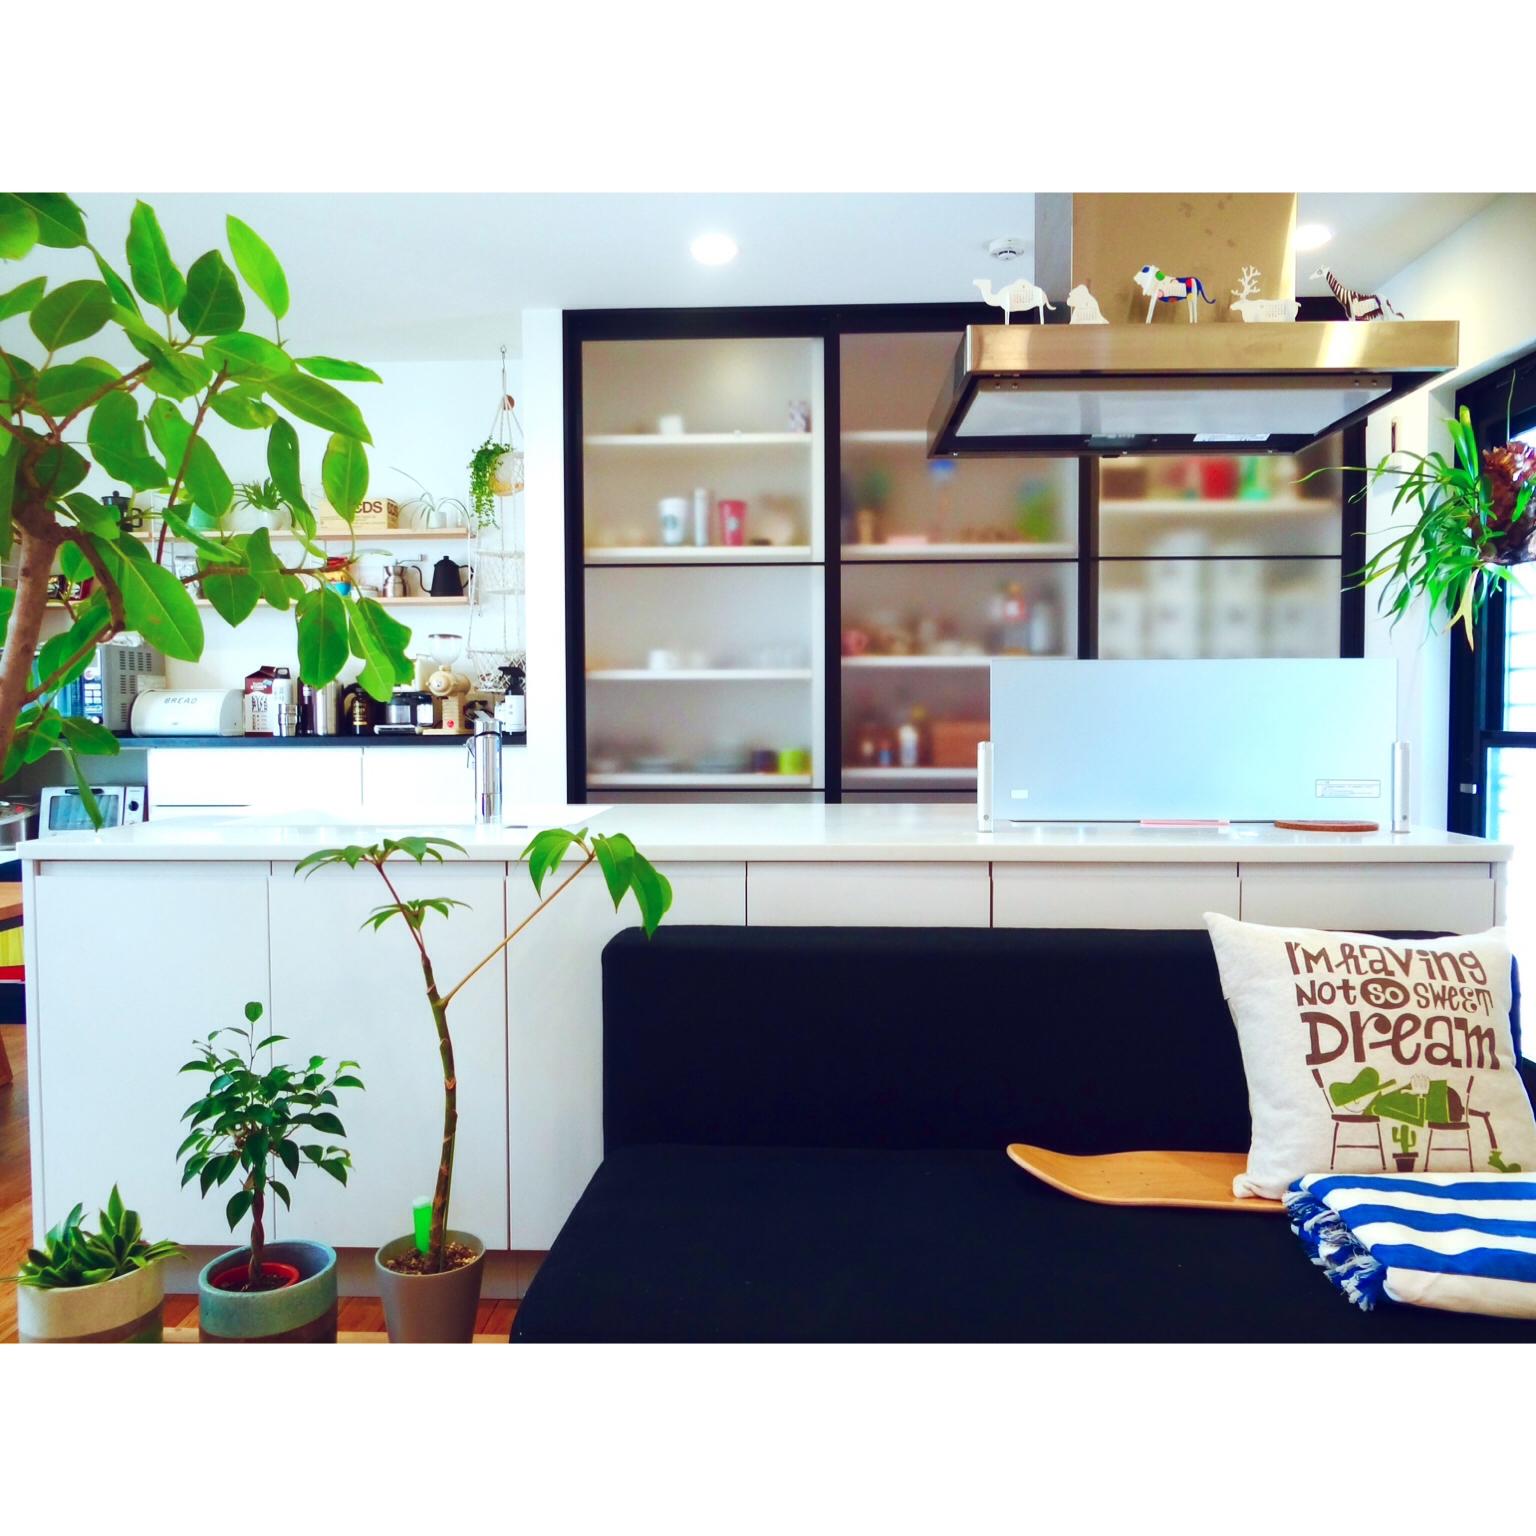 「まるでボタニカルガーデン!自然の魅力あふれる癒し空間」憧れのキッチン vol.27 masakichiさん